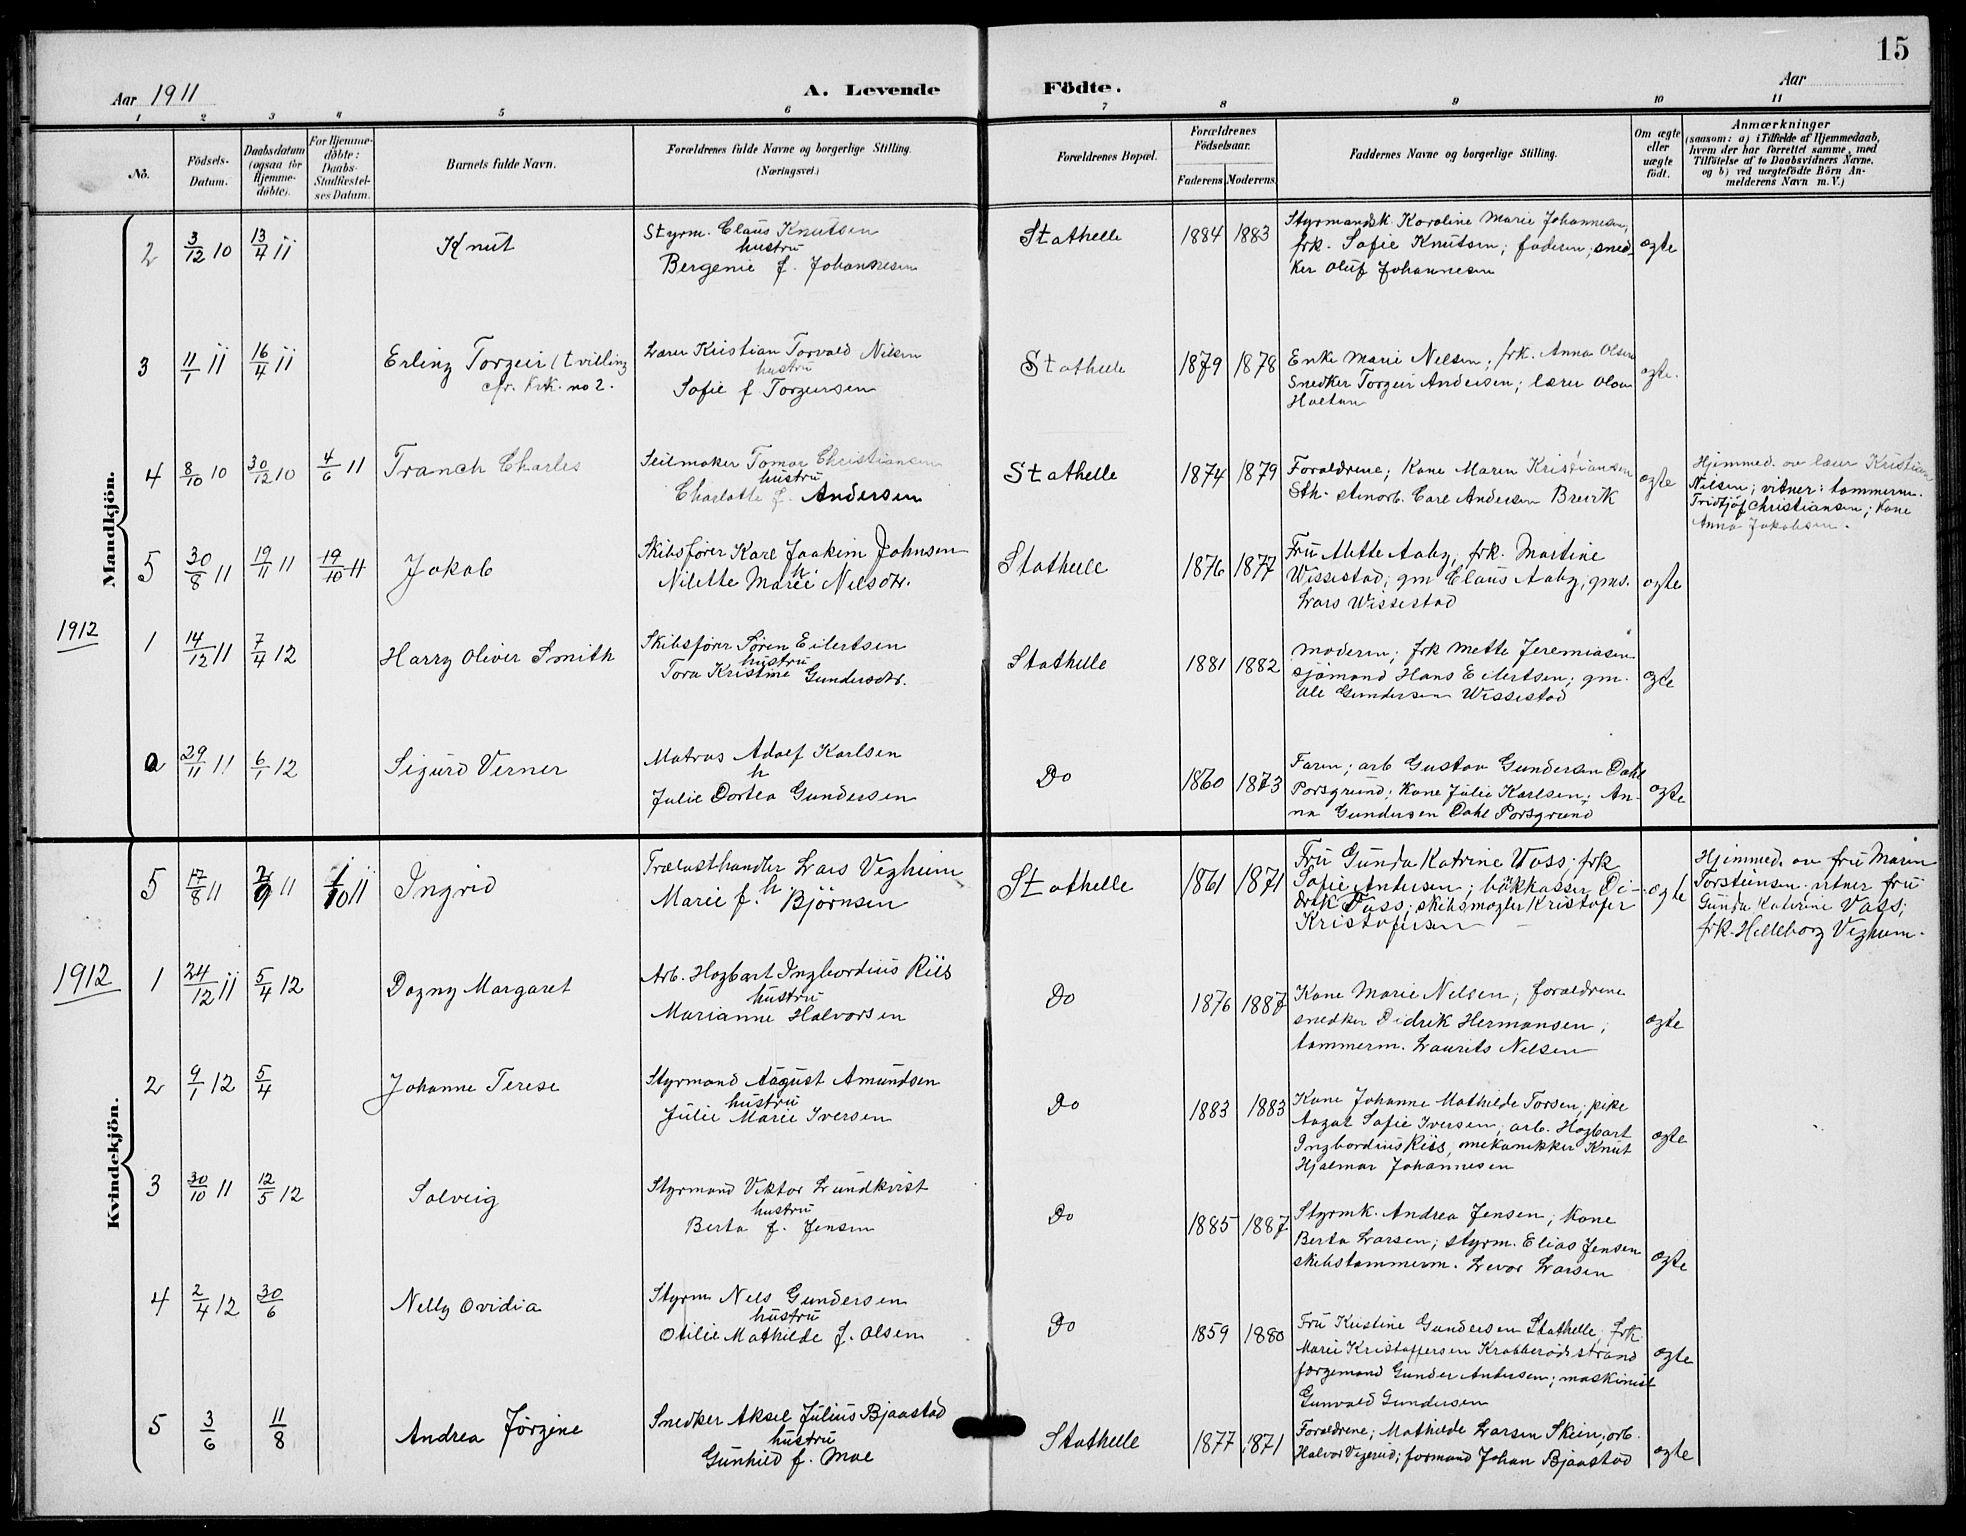 SAKO, Bamble kirkebøker, G/Gb/L0002: Klokkerbok nr. II 2, 1900-1925, s. 15